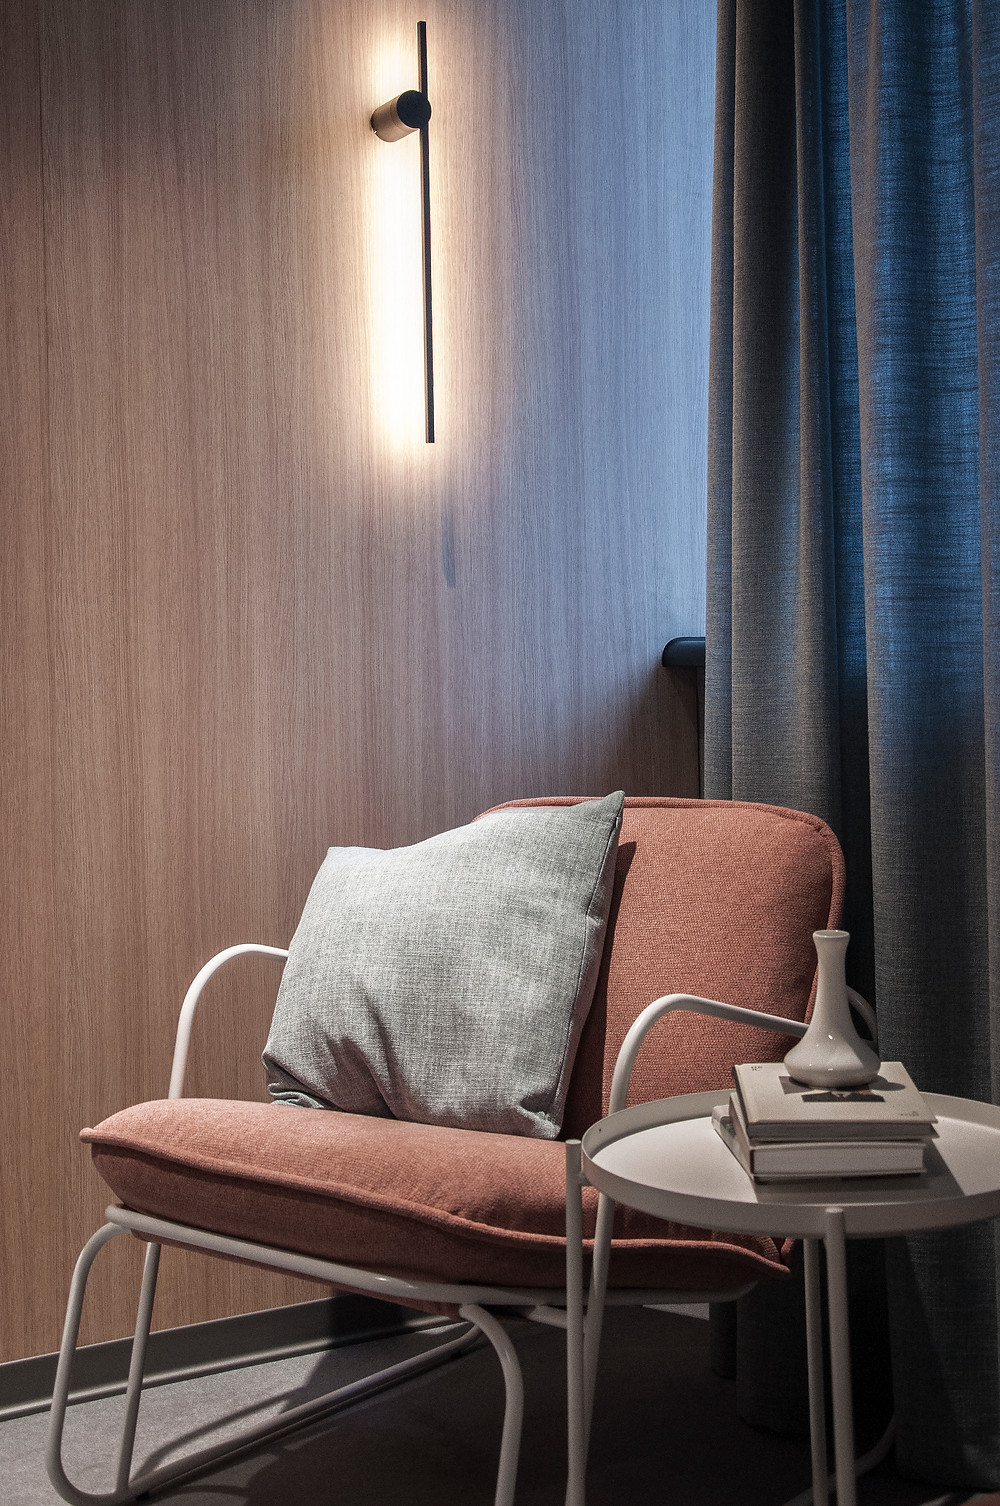 Где в Украине купить качественную мебель? ТОП 10 украинских брендов предметов мебели декора